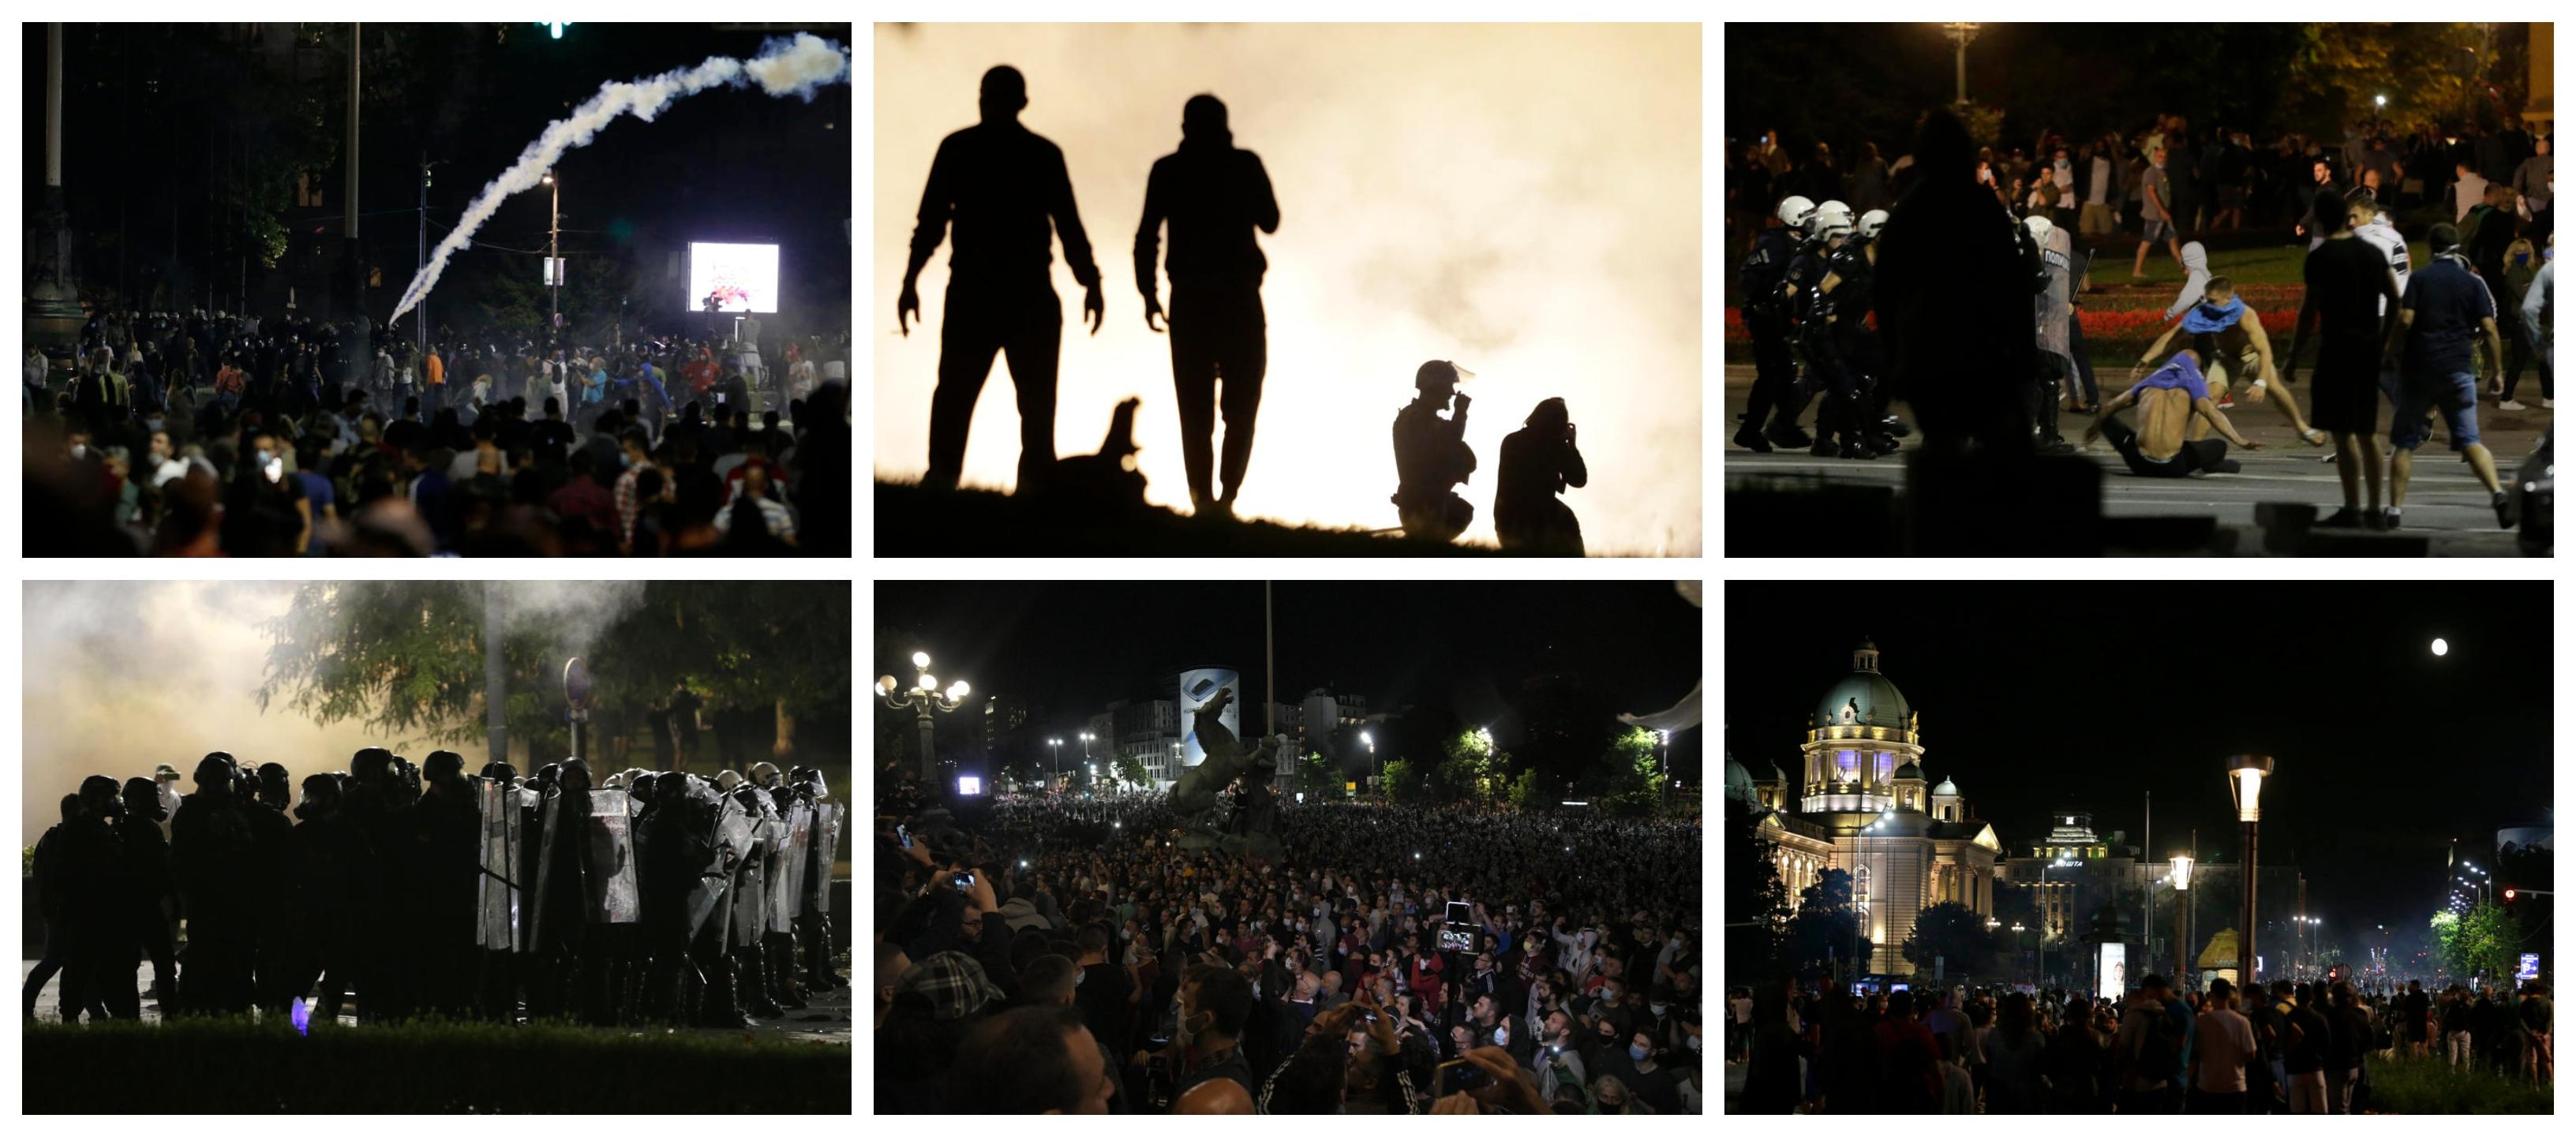 Haos u Beogradu: Zapaljena policijska vozila, incidenti ne prestaju, ima povrijeđenih